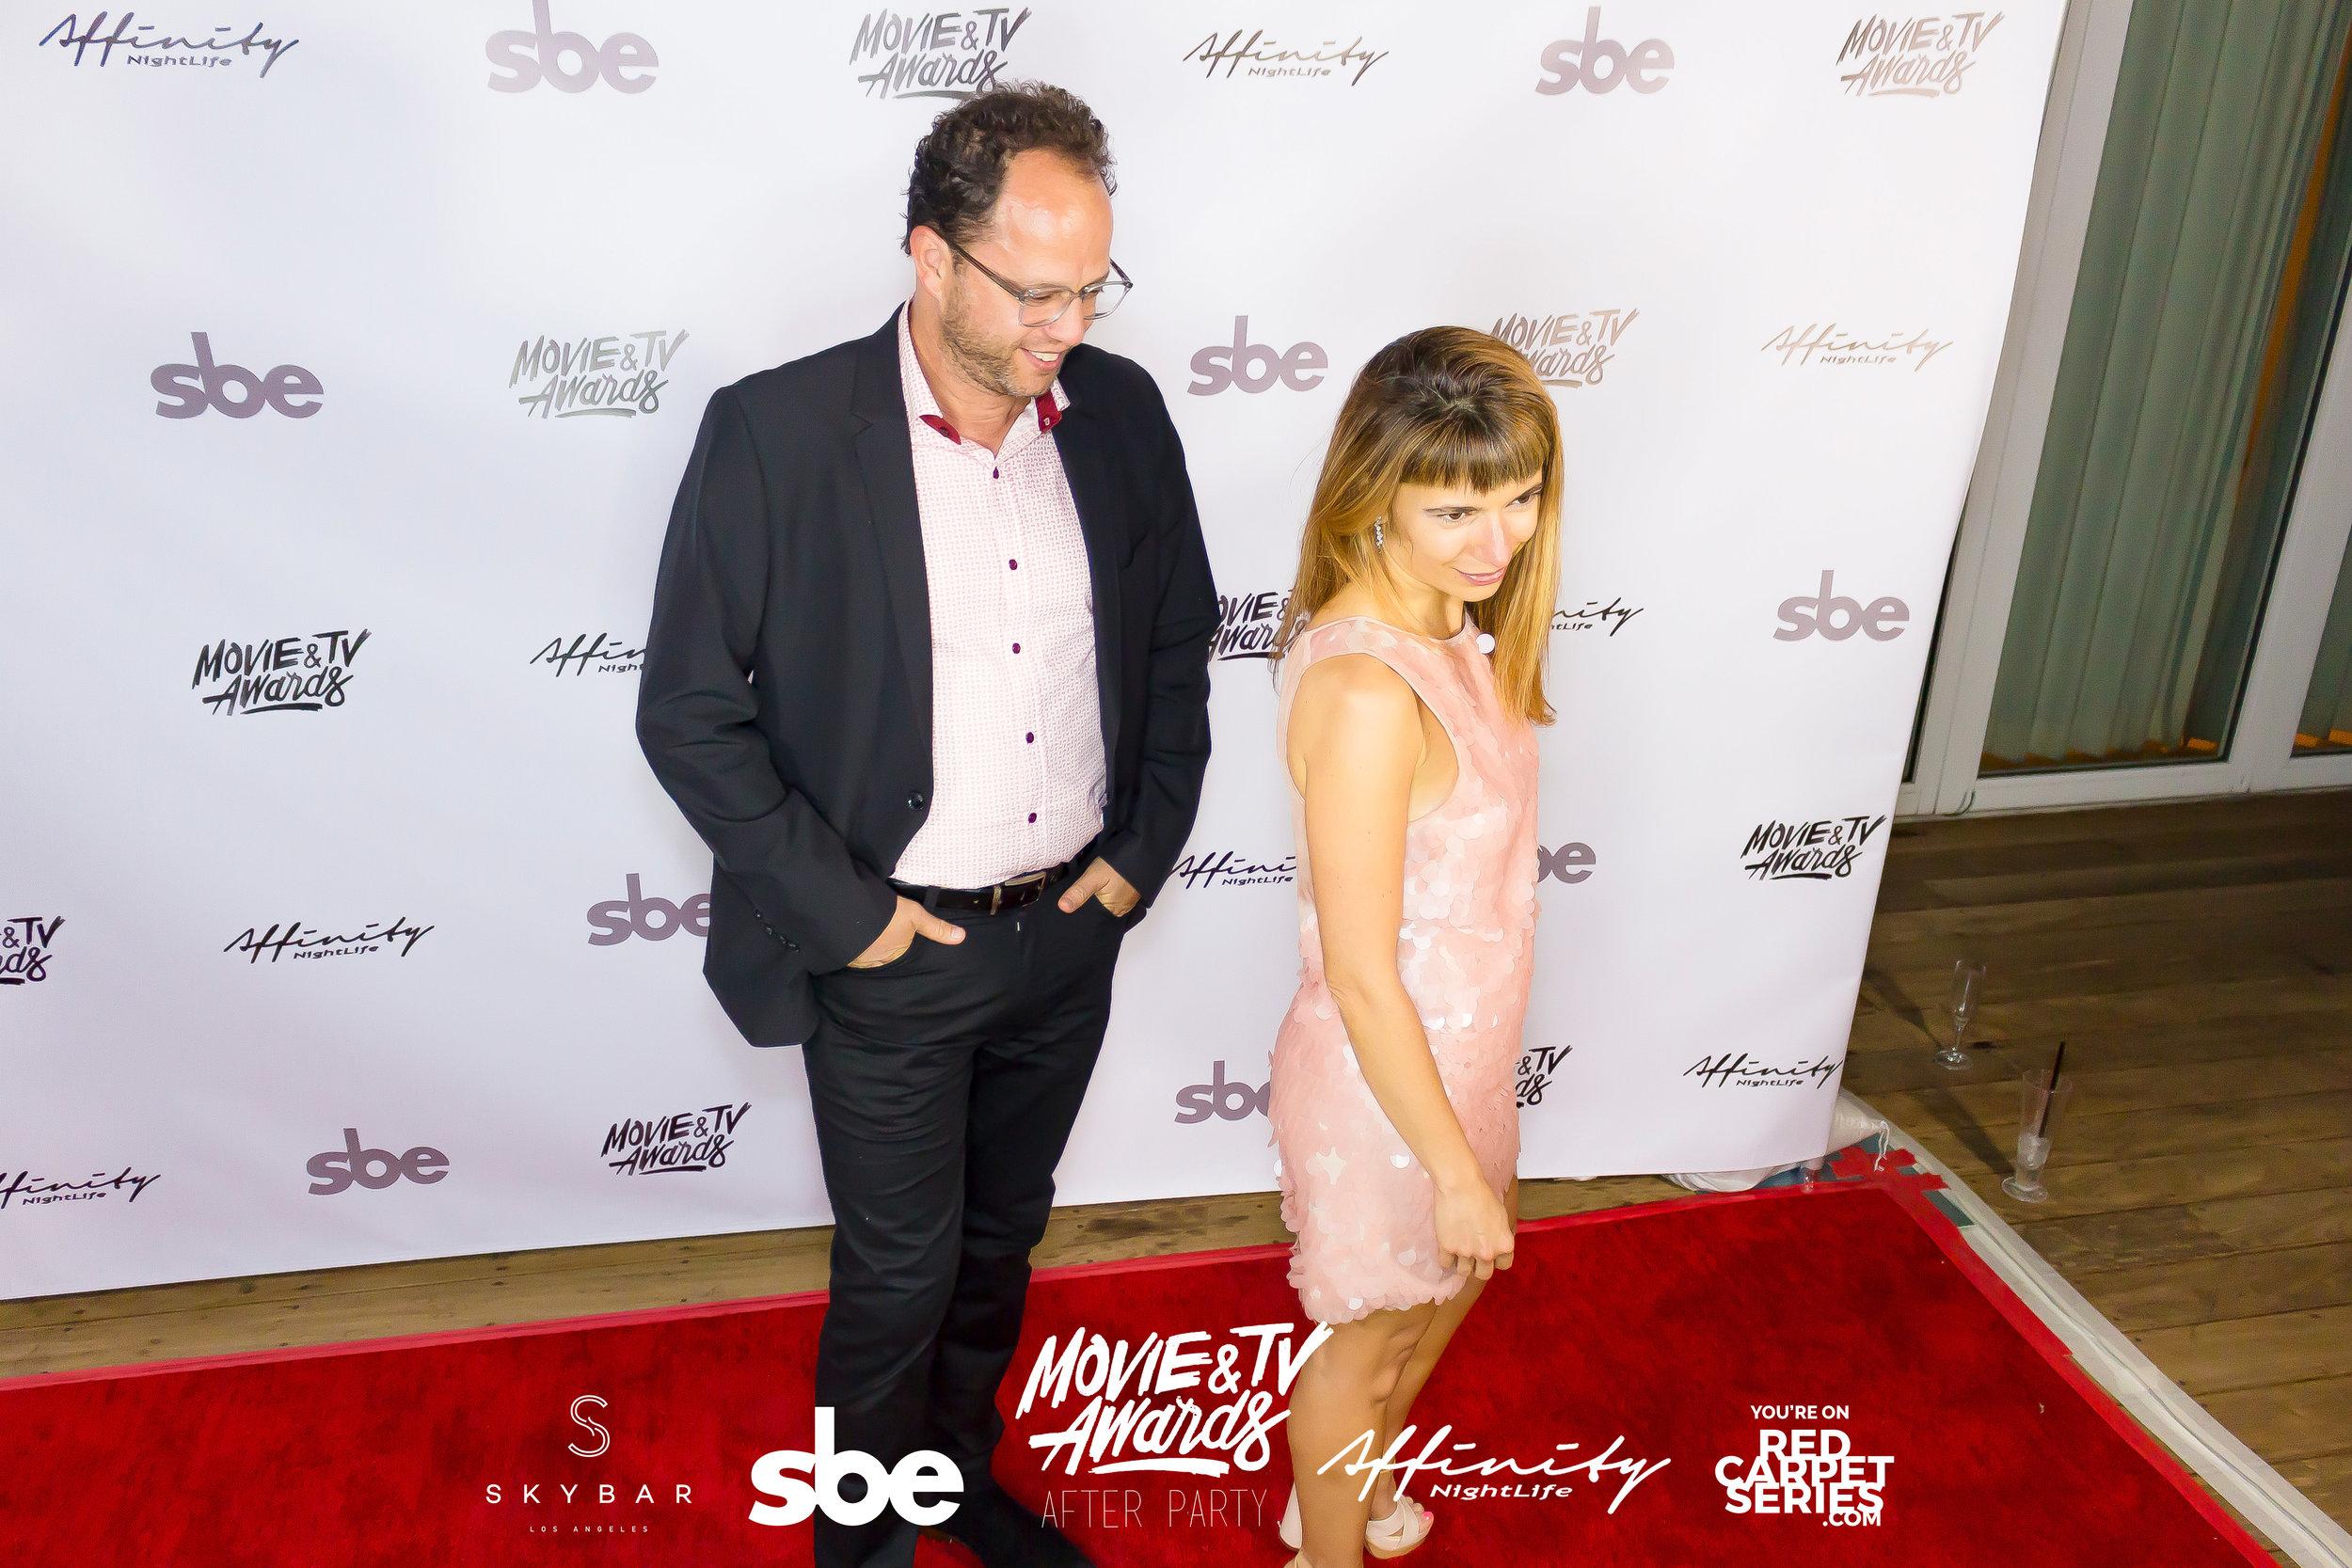 Affinity Nightlife MTV Movie & TV Awards After Party - Skybar at Mondrian - 06-15-19 - Vol. 2_78.jpg